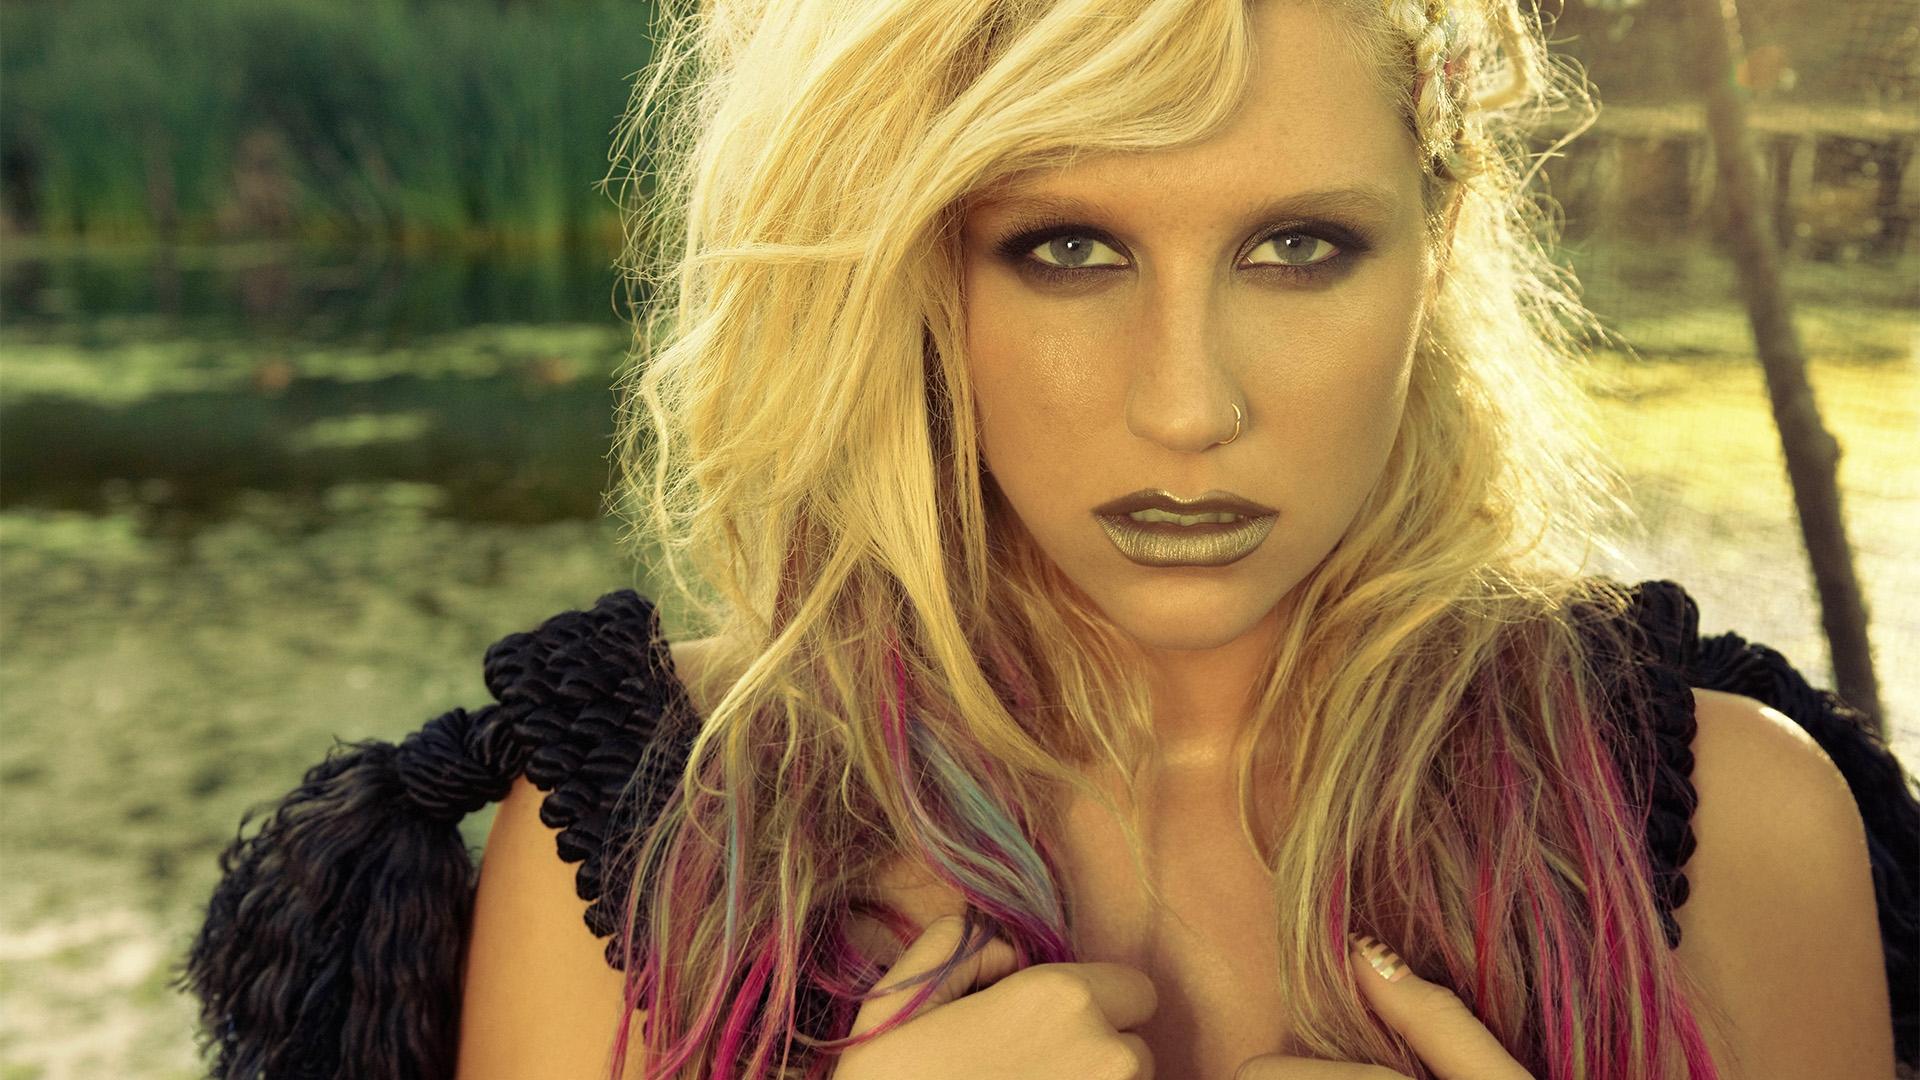 673183 Kb Download Original Kesha Wallpaper - Kesha Music Video , HD Wallpaper & Backgrounds